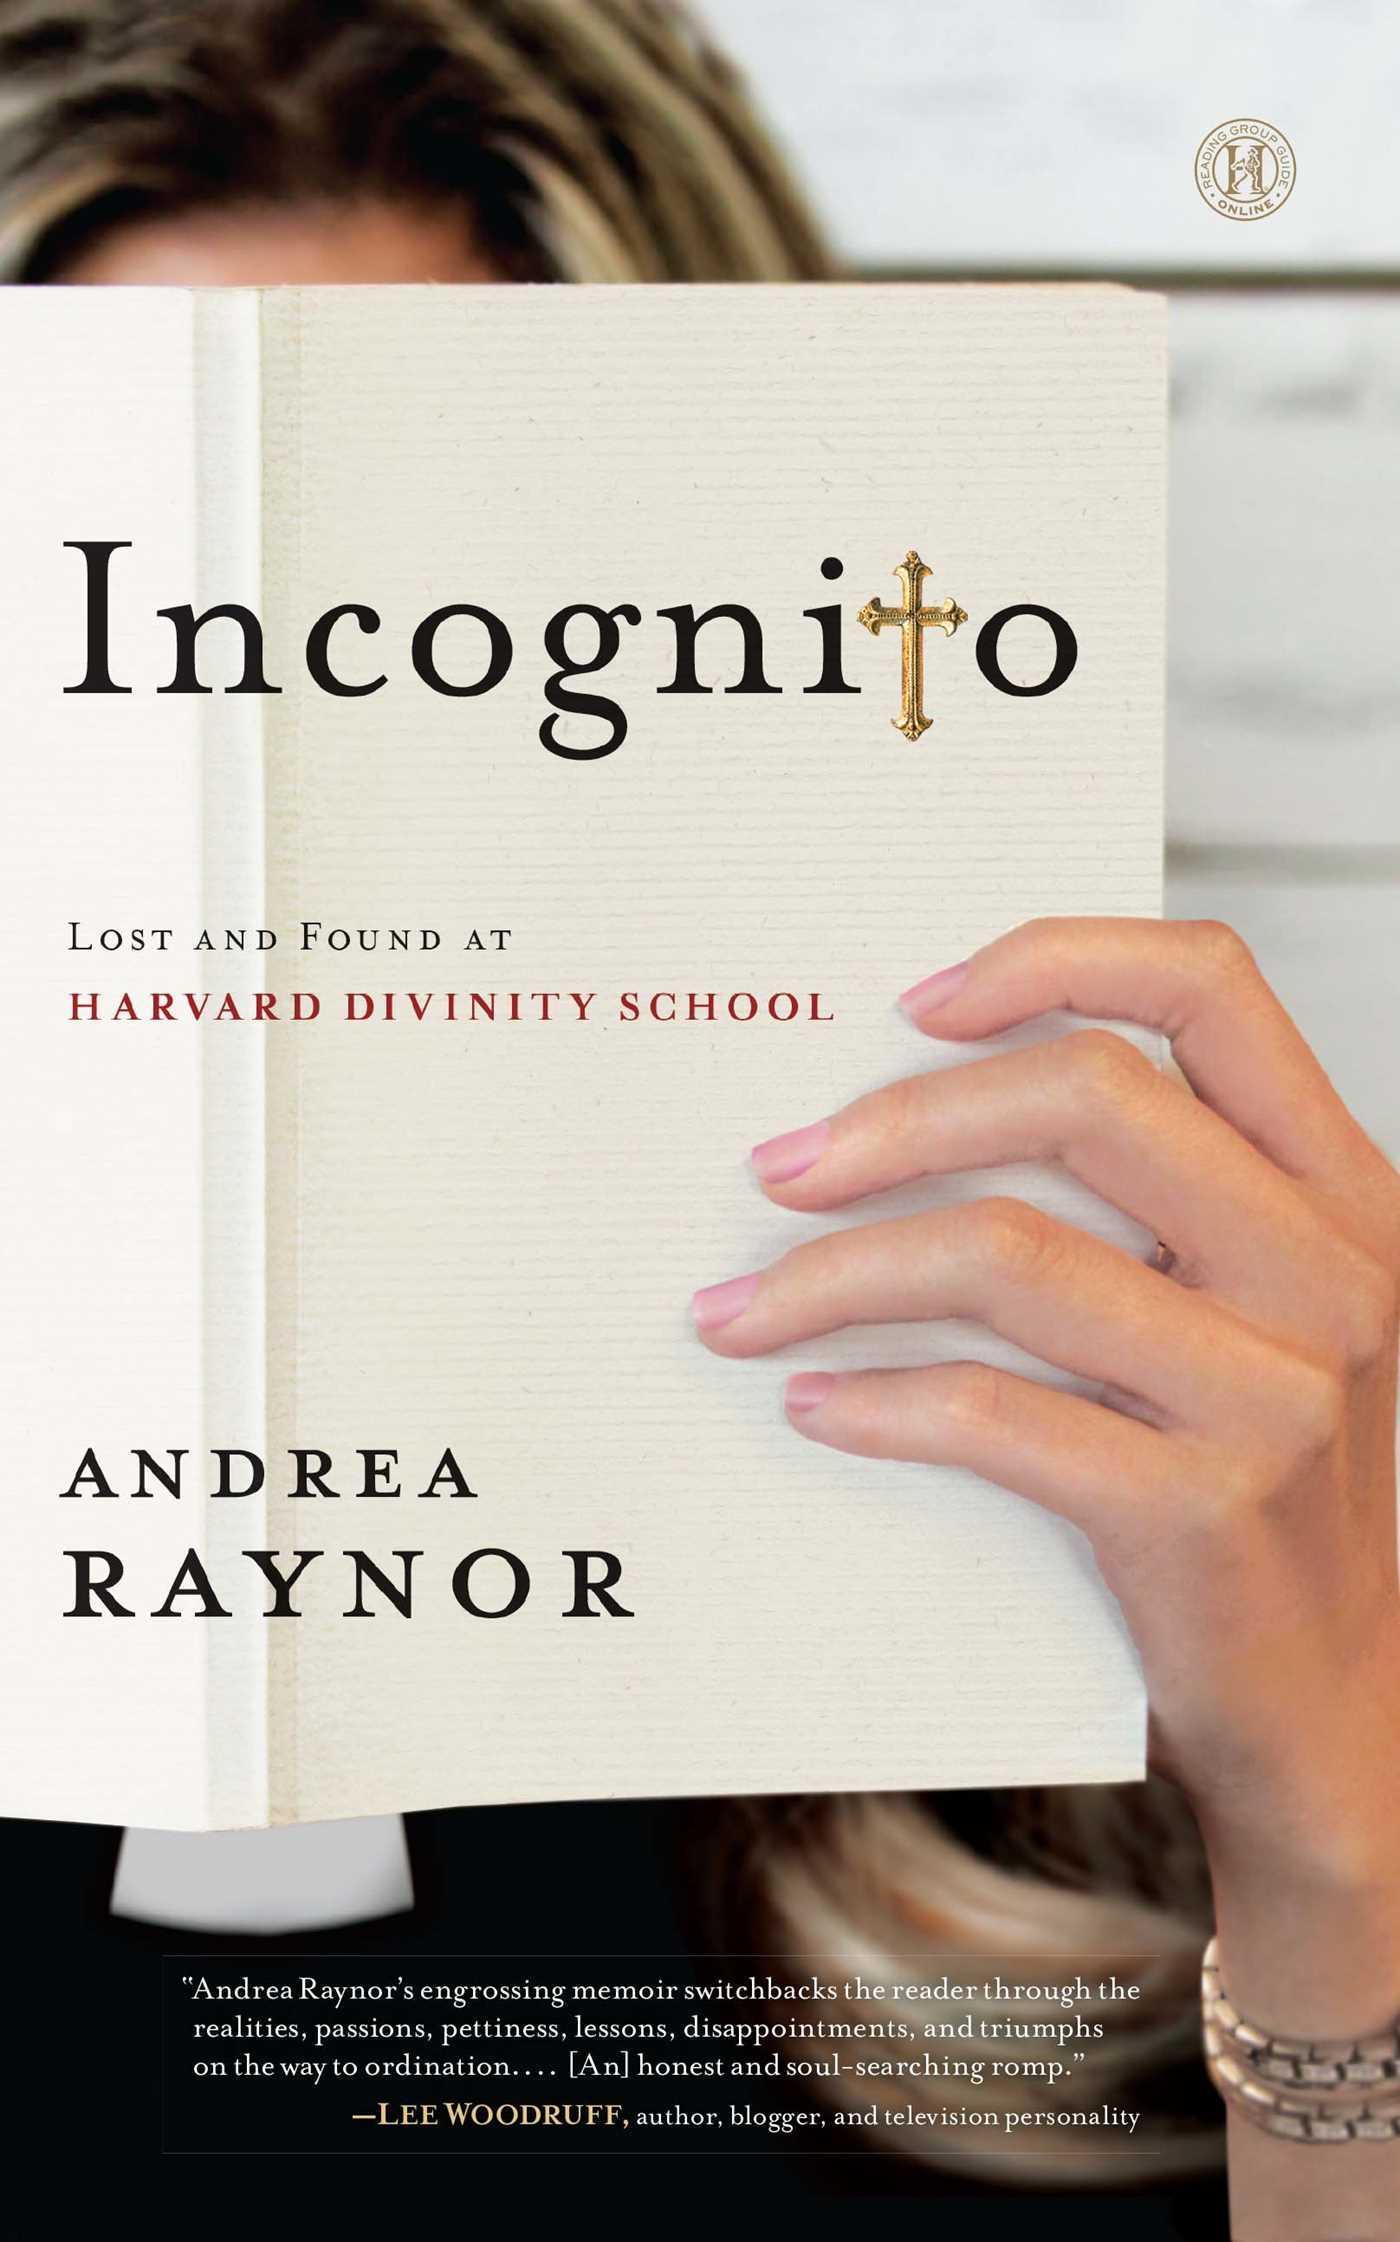 Incognito 9781476734330 hr